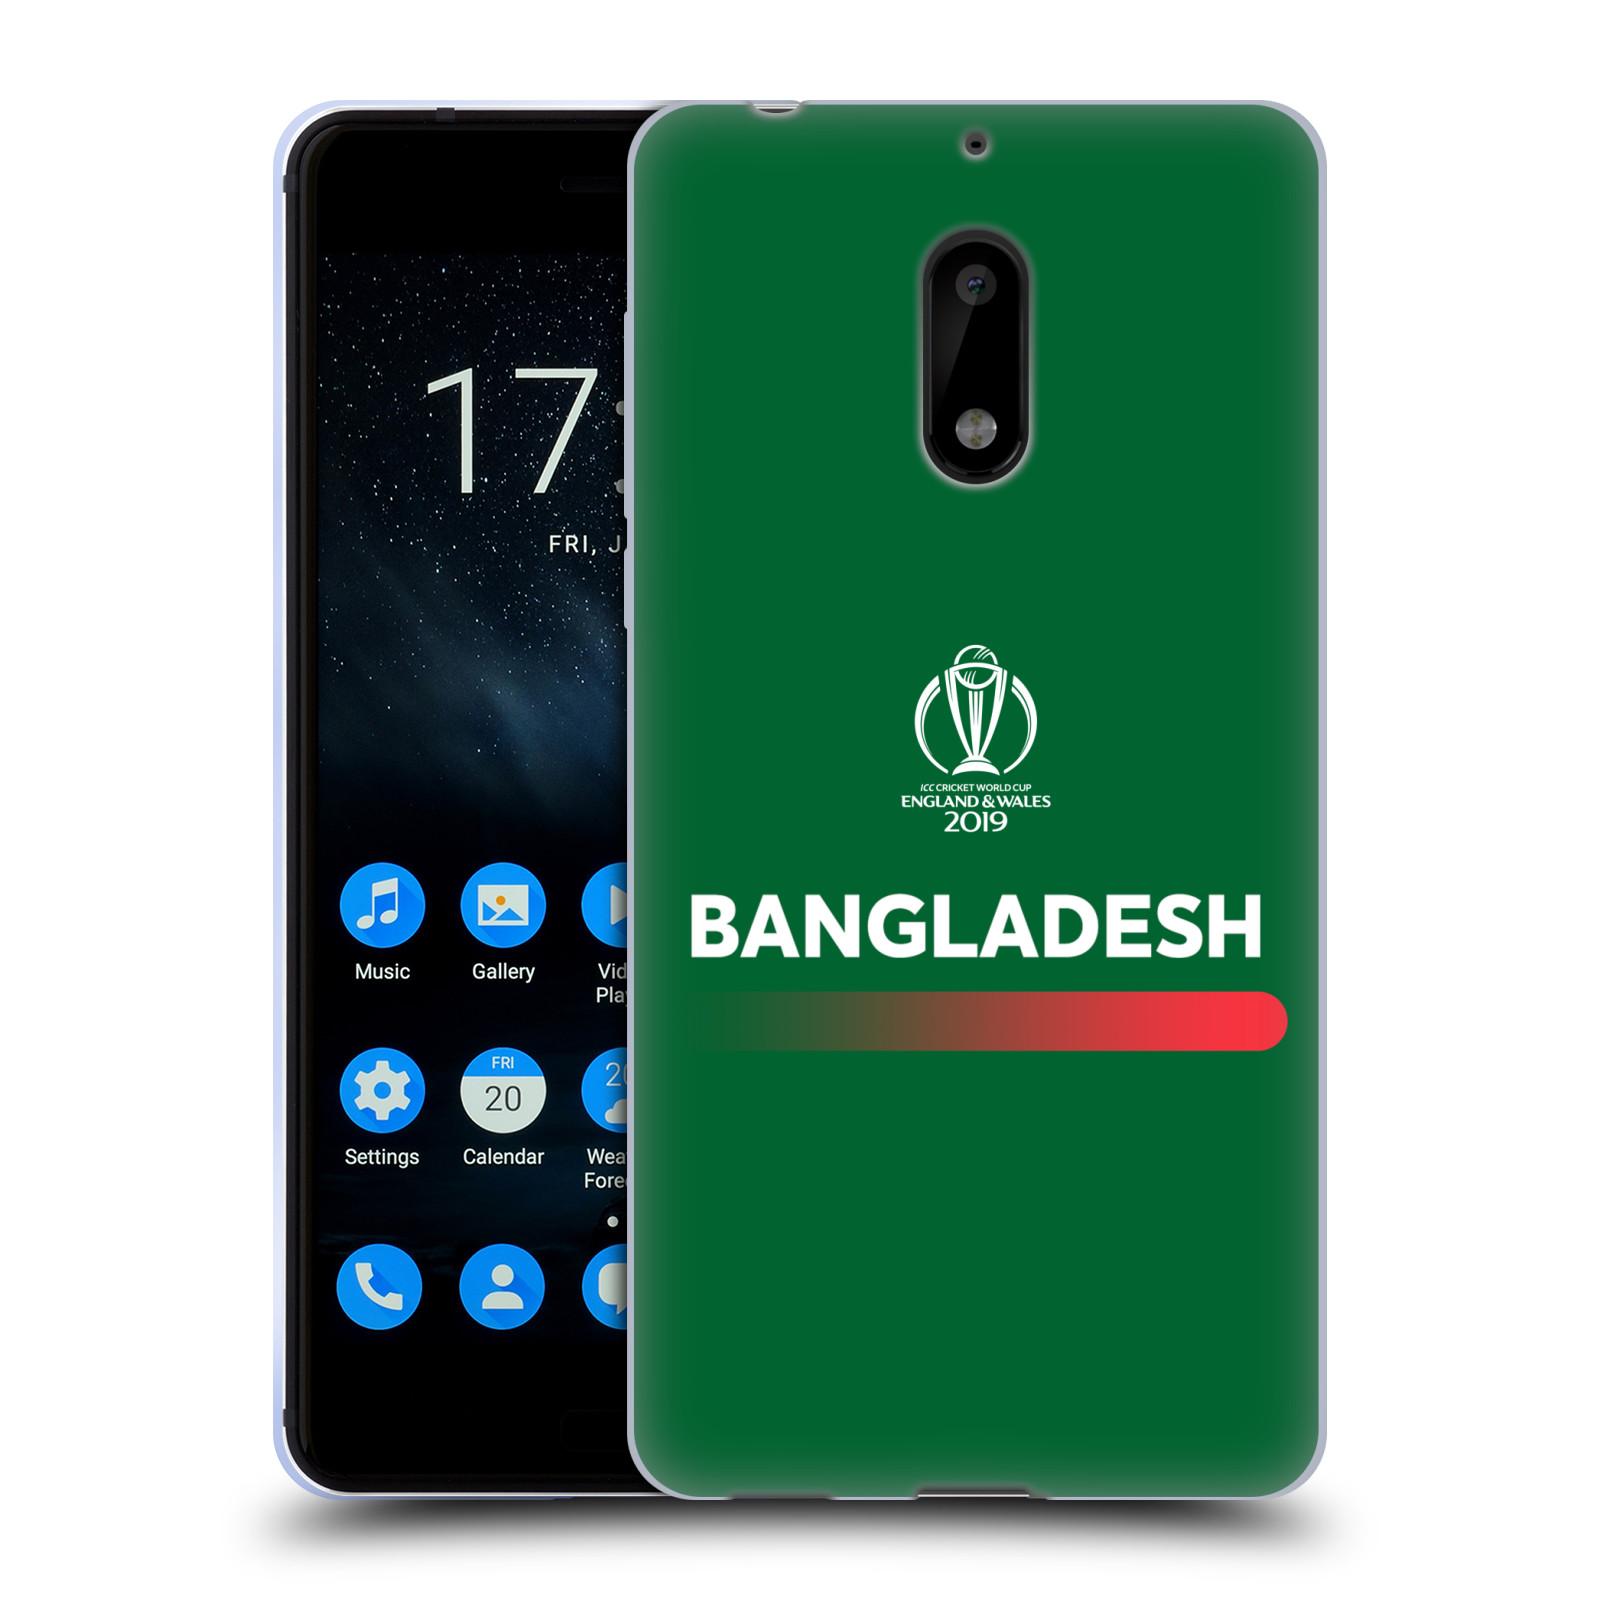 OFFICIAL-ICC-BANGLADESH-SOFT-GEL-CASE-FOR-NOKIA-PHONES-1